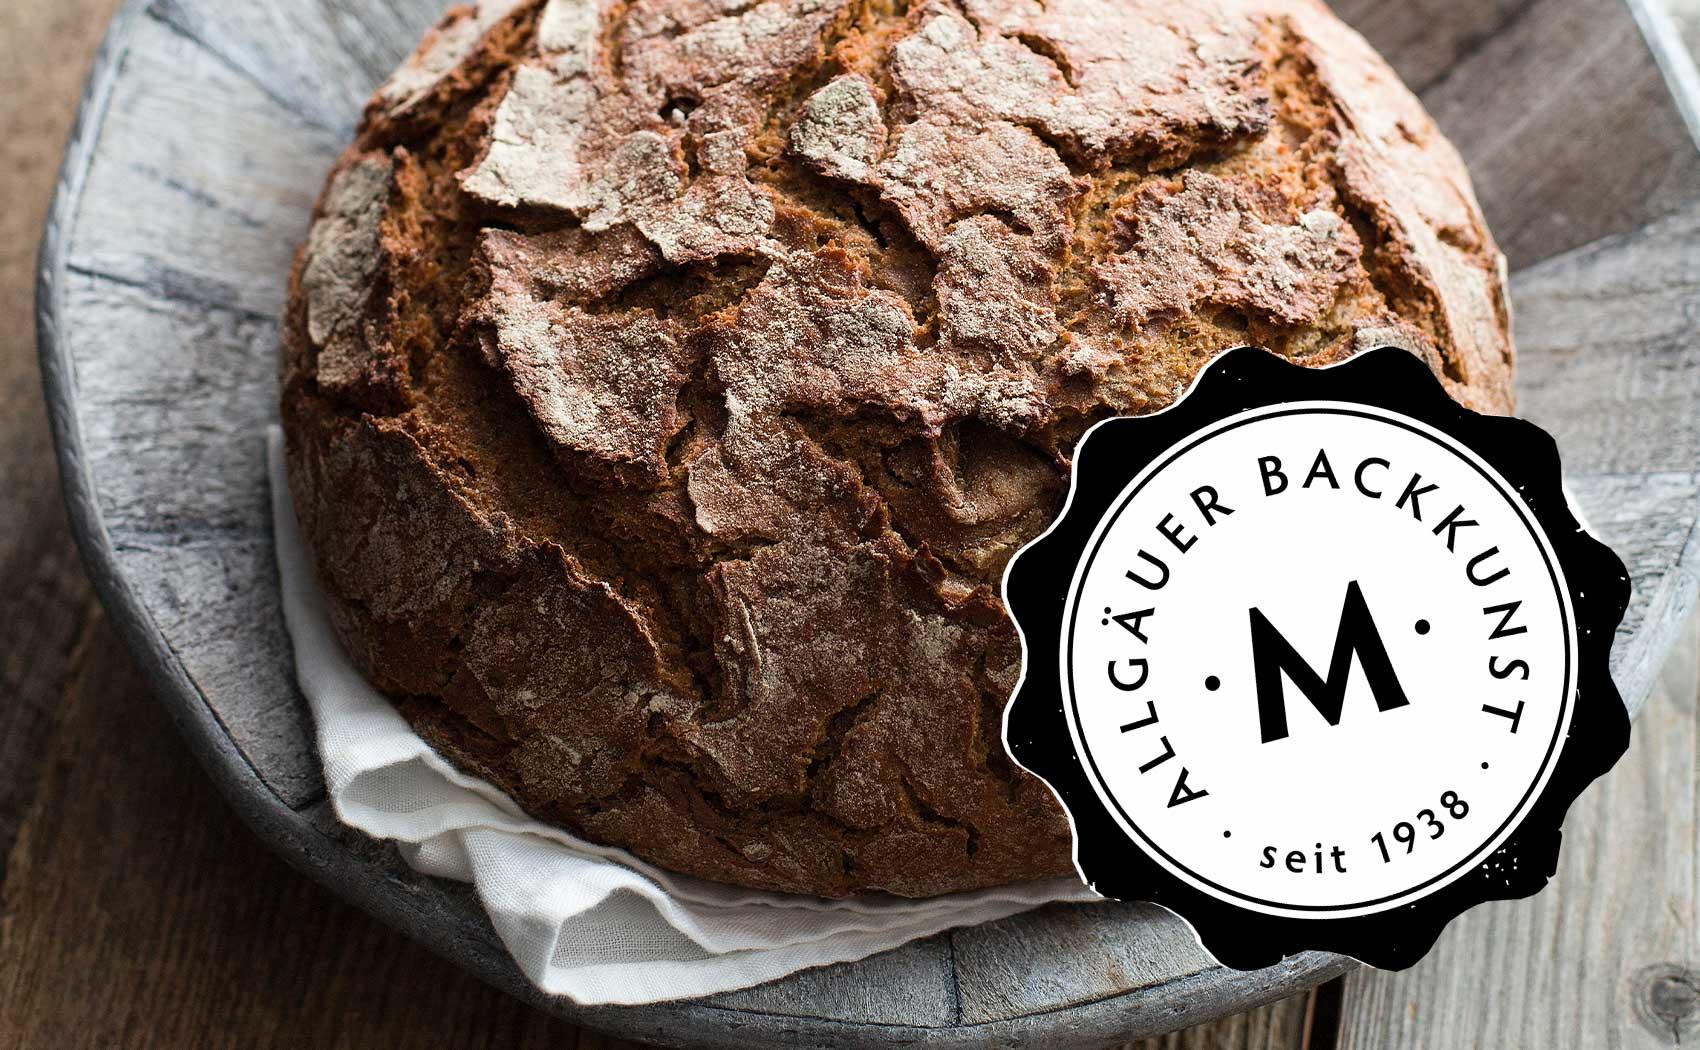 Grafikdesign für Back Mayr aus dem Allgäu